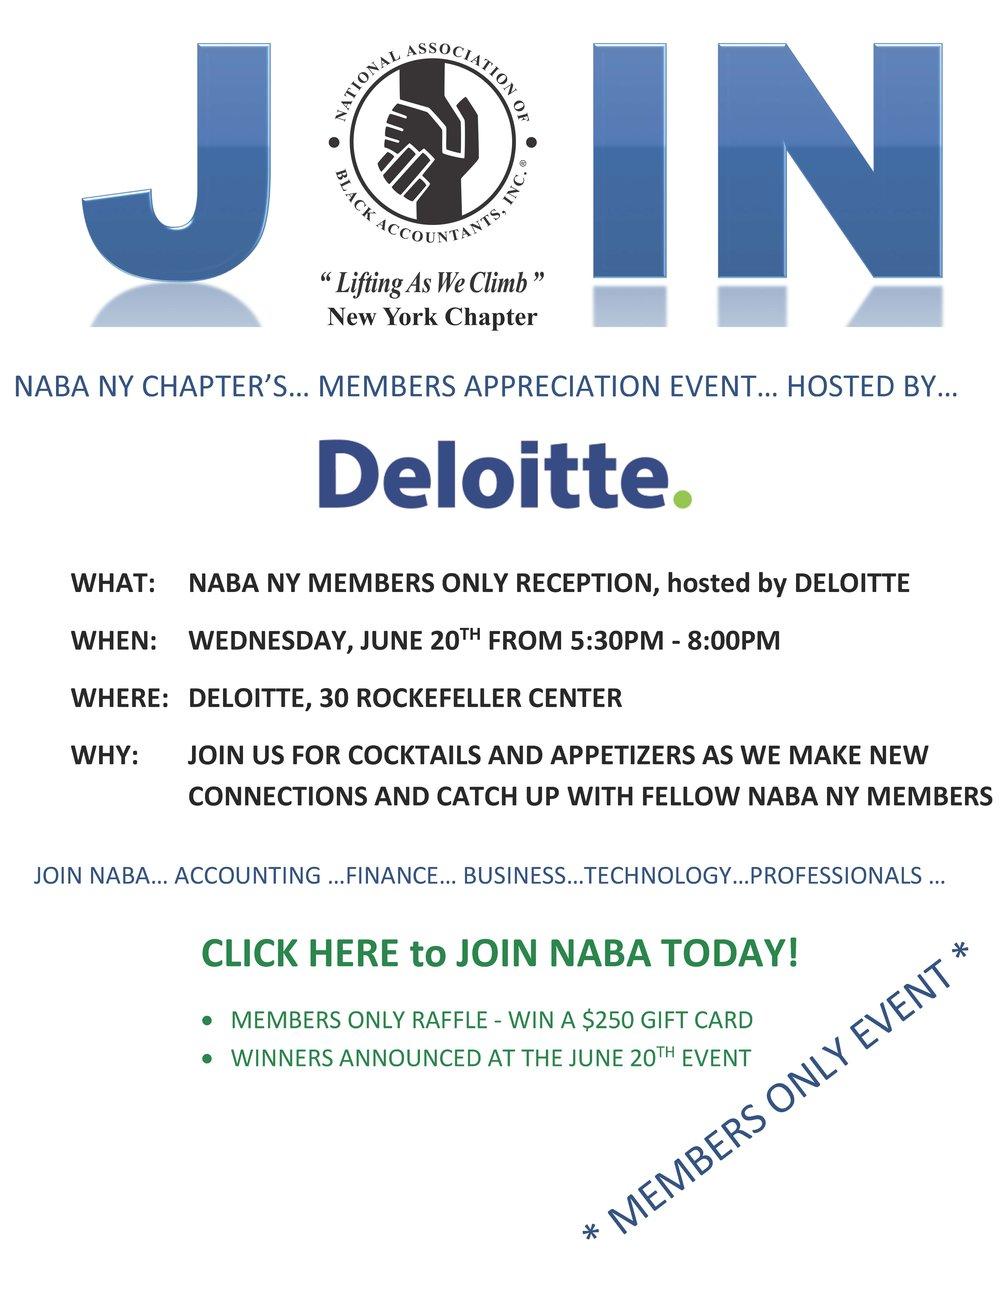 NABA_Deloitte Membership Event 2018.jpg